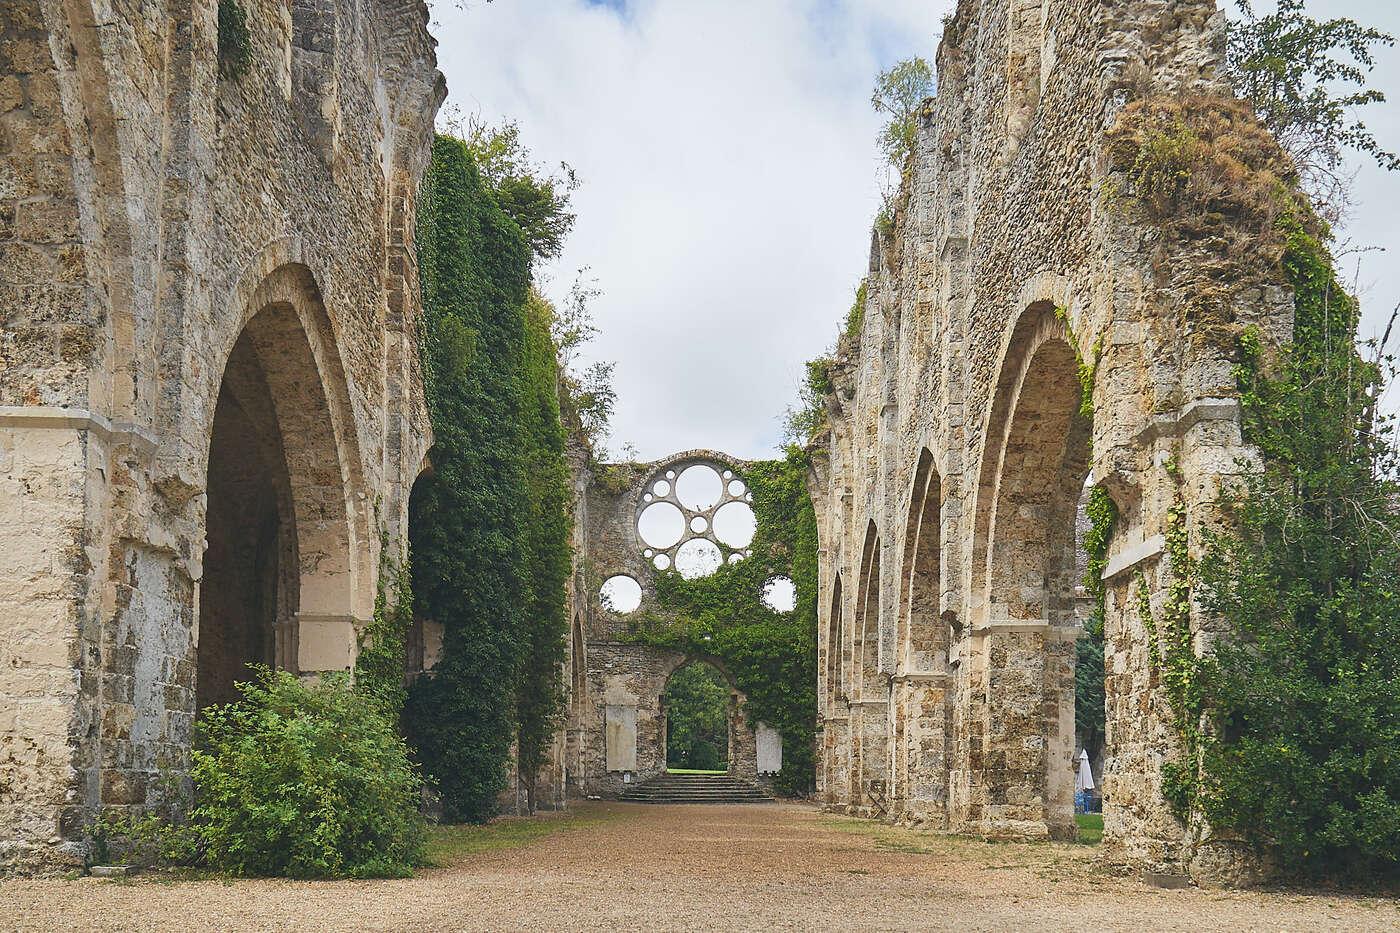 Abbatiale de l'abbaye de Vaux en Cernay